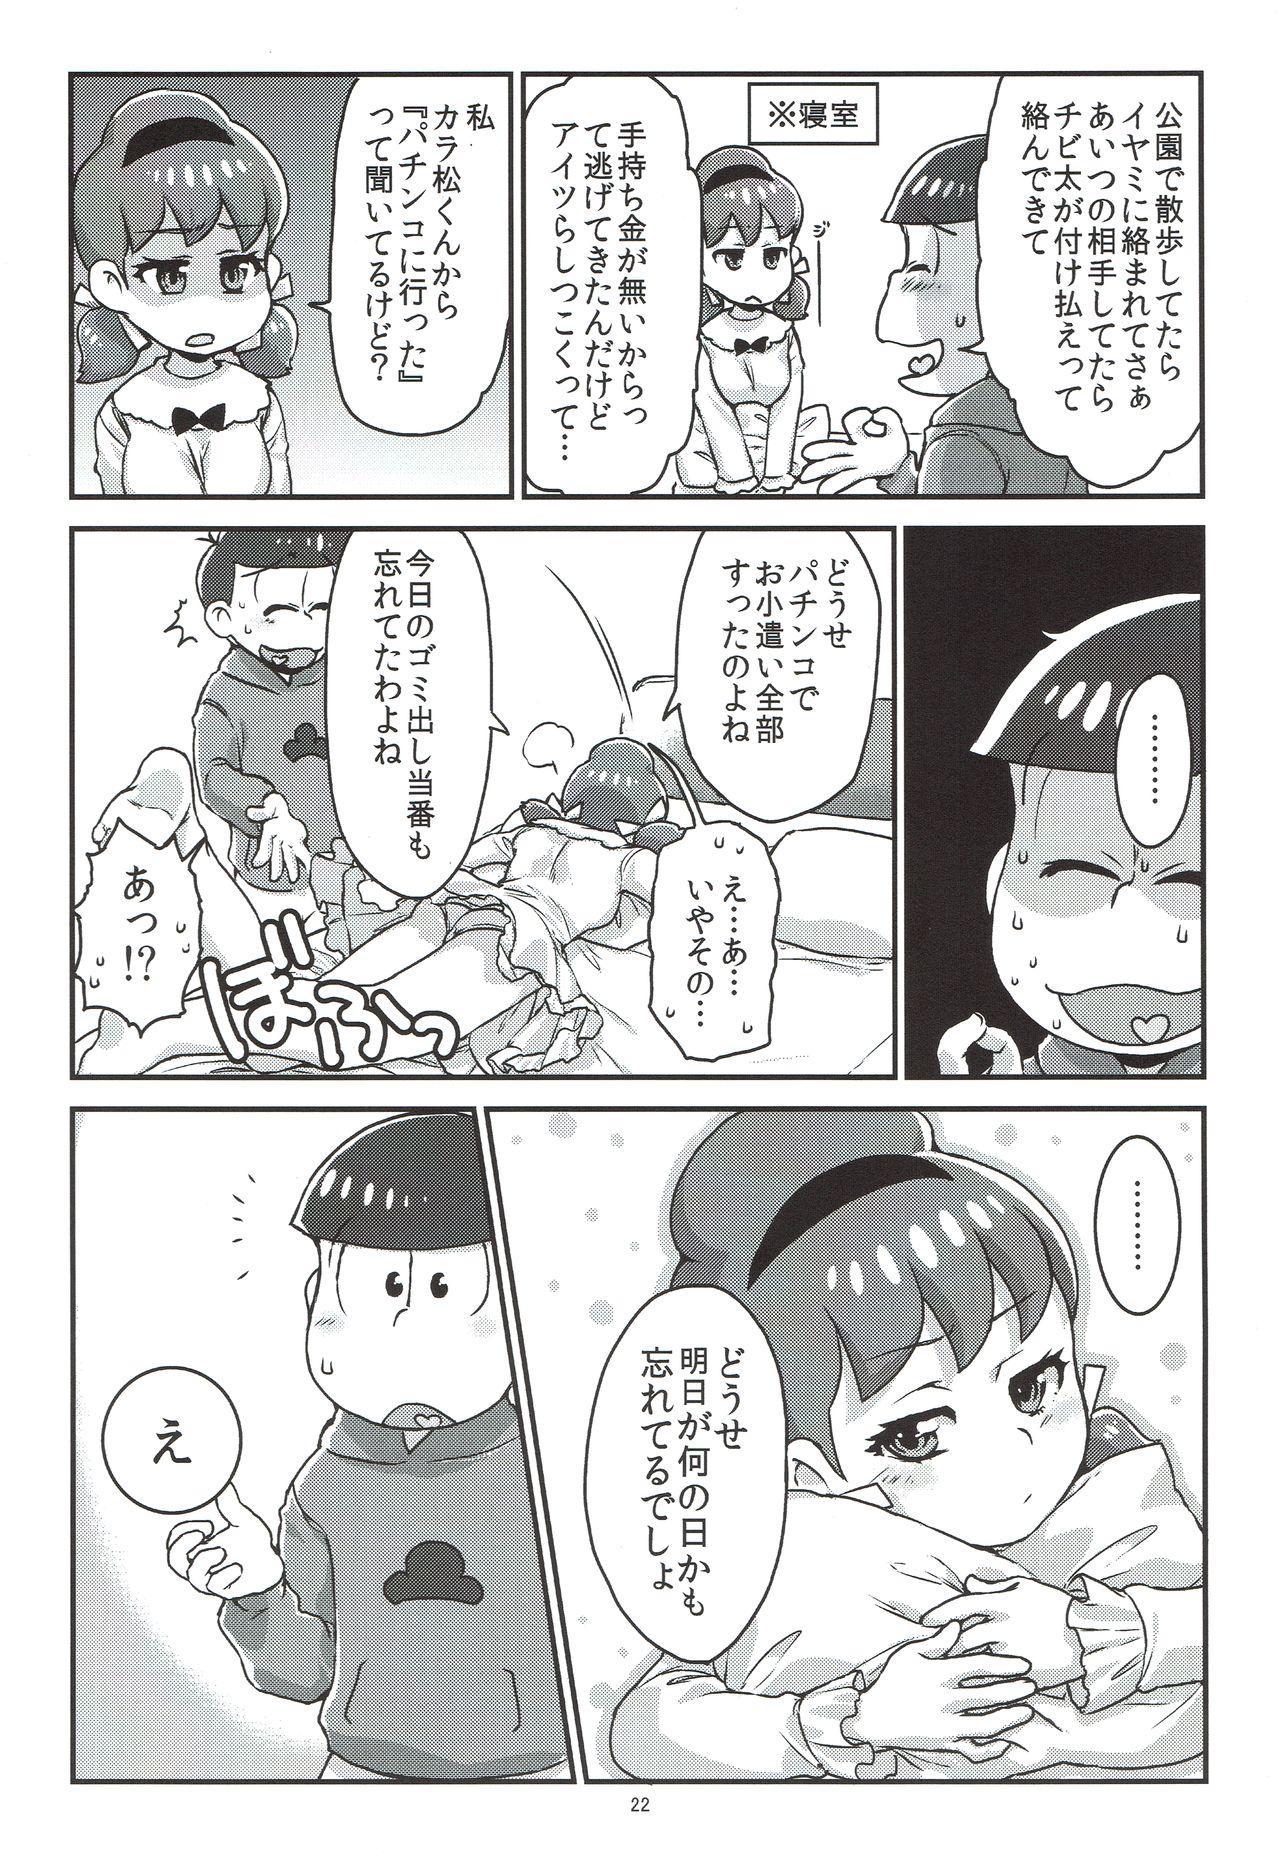 Mutsugo to Totoko-chan no Juukon Seikatsu 22